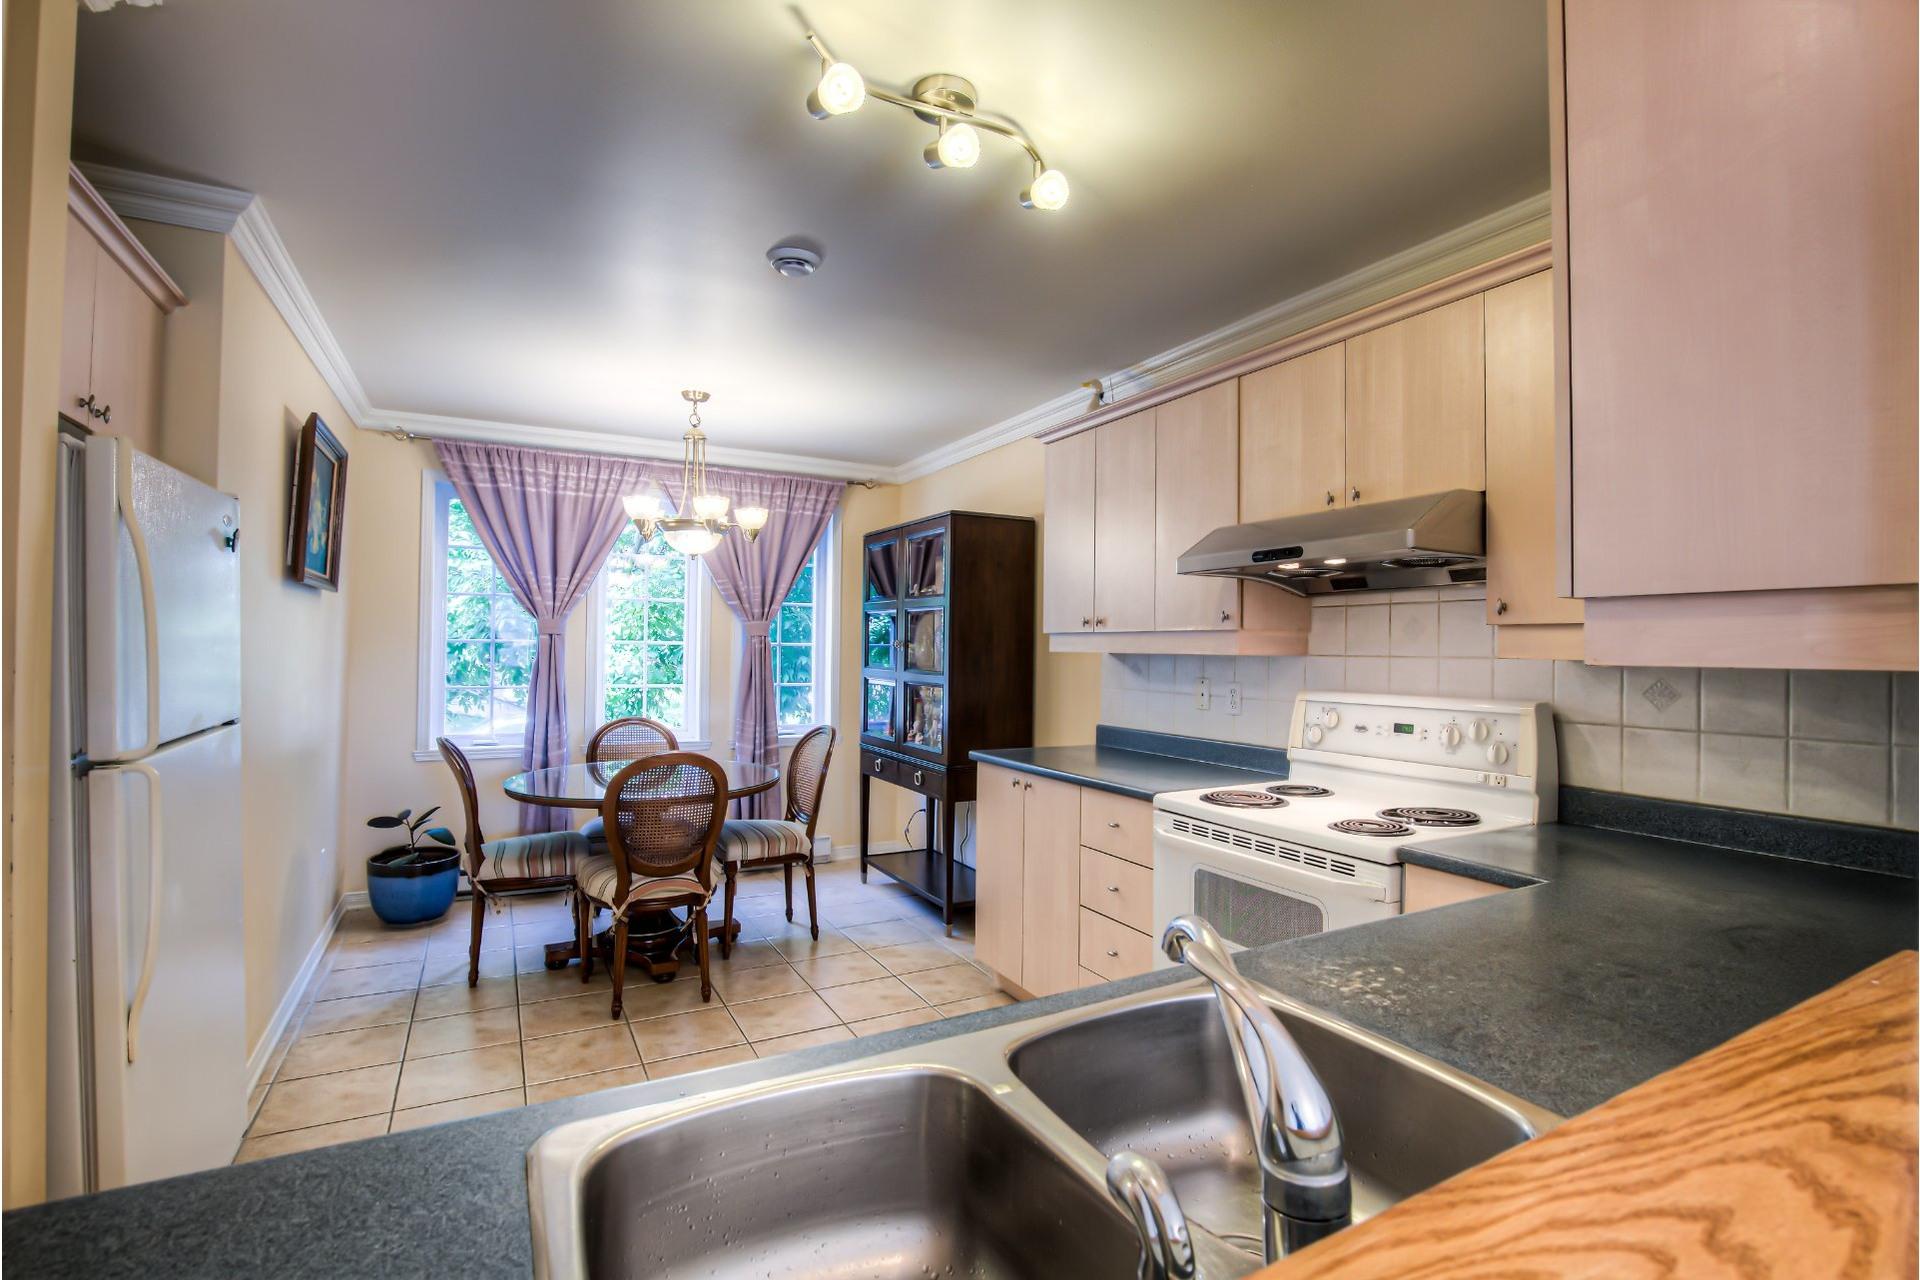 image 9 - Maison À vendre Pierrefonds-Roxboro Montréal  - 8 pièces